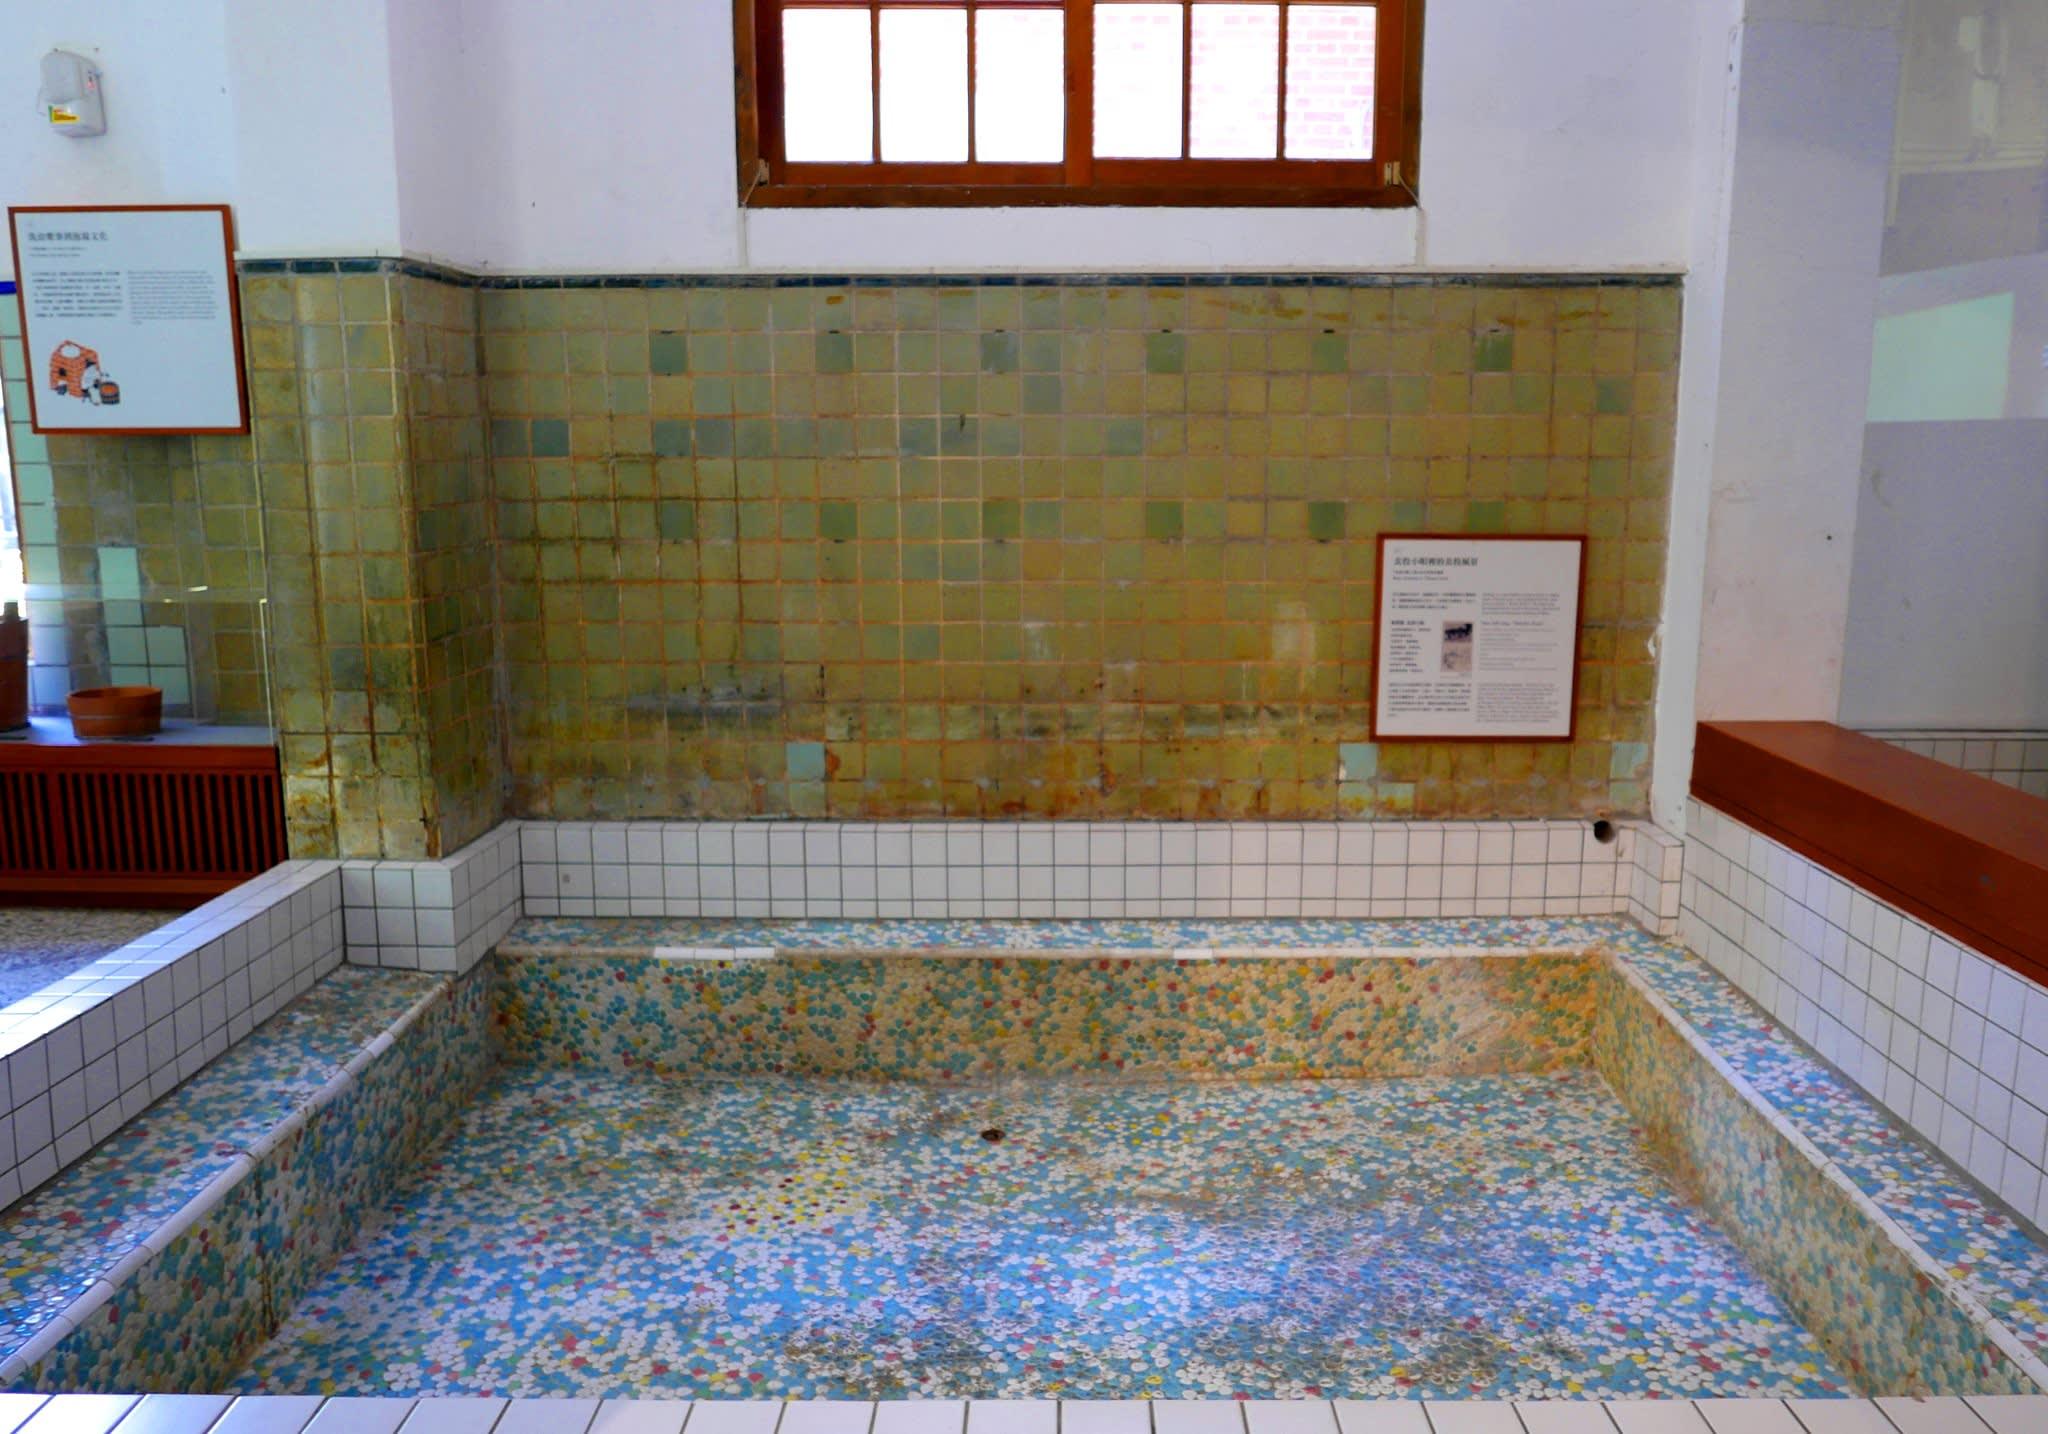 羅馬磚造浴池。(圖片來源/台北旅遊網)